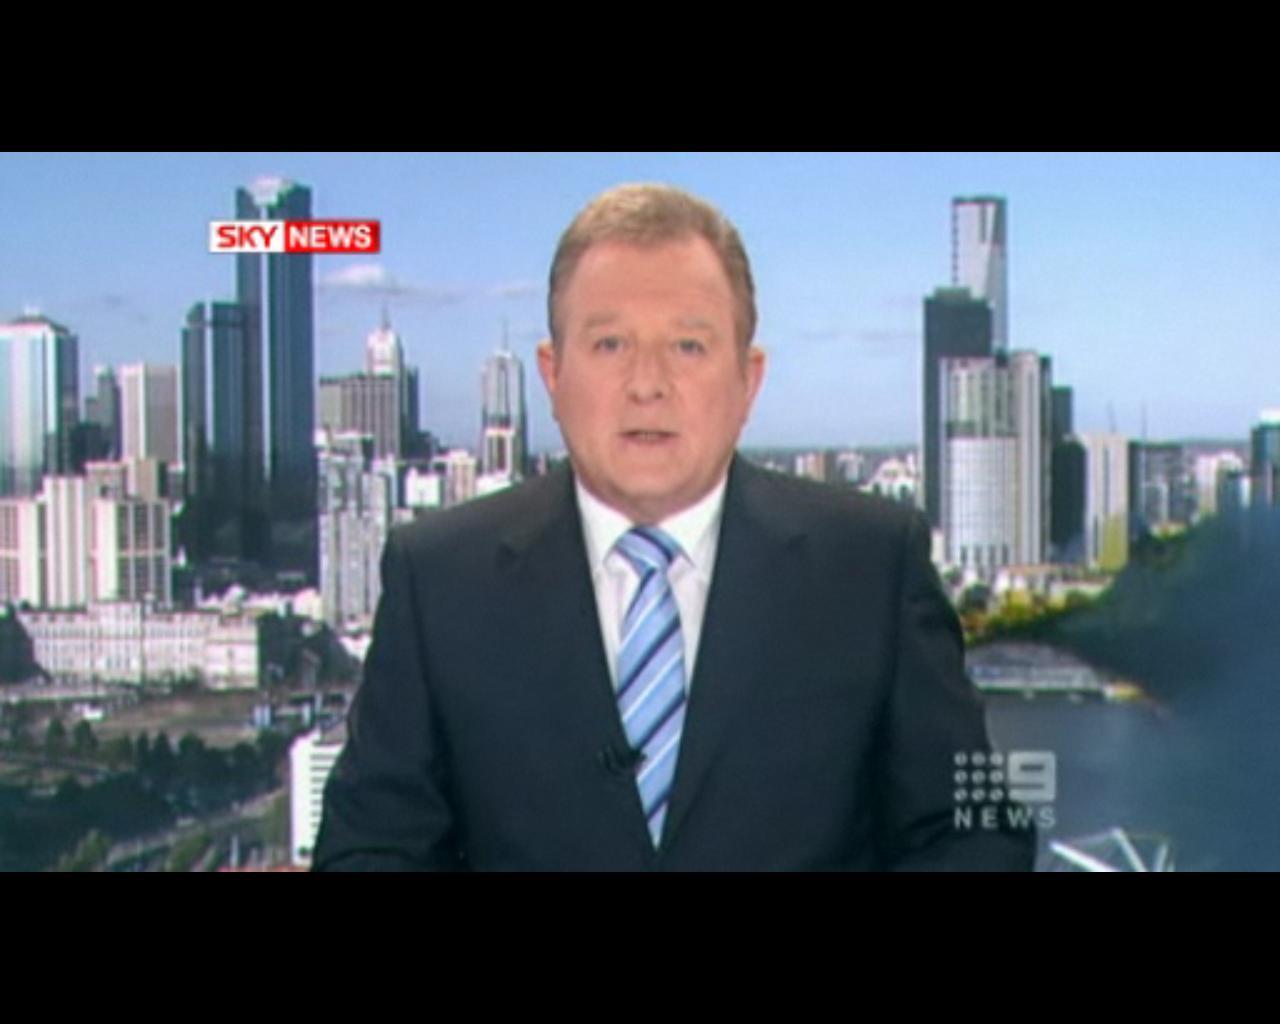 澳电视新闻直播海鸥抢镜 播报员镇定如常(图)图片